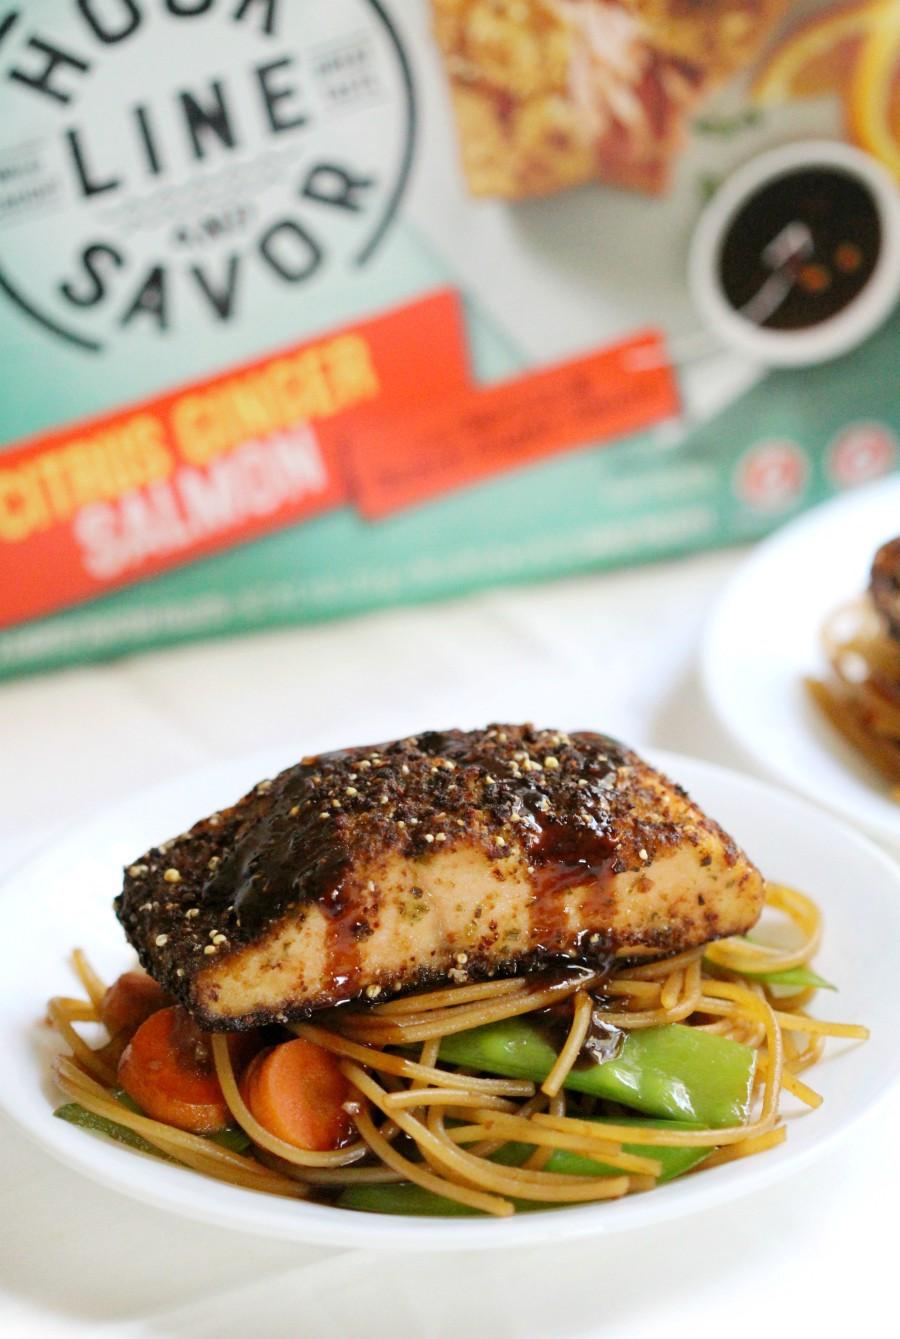 hook-line-savor-salmon-noodles